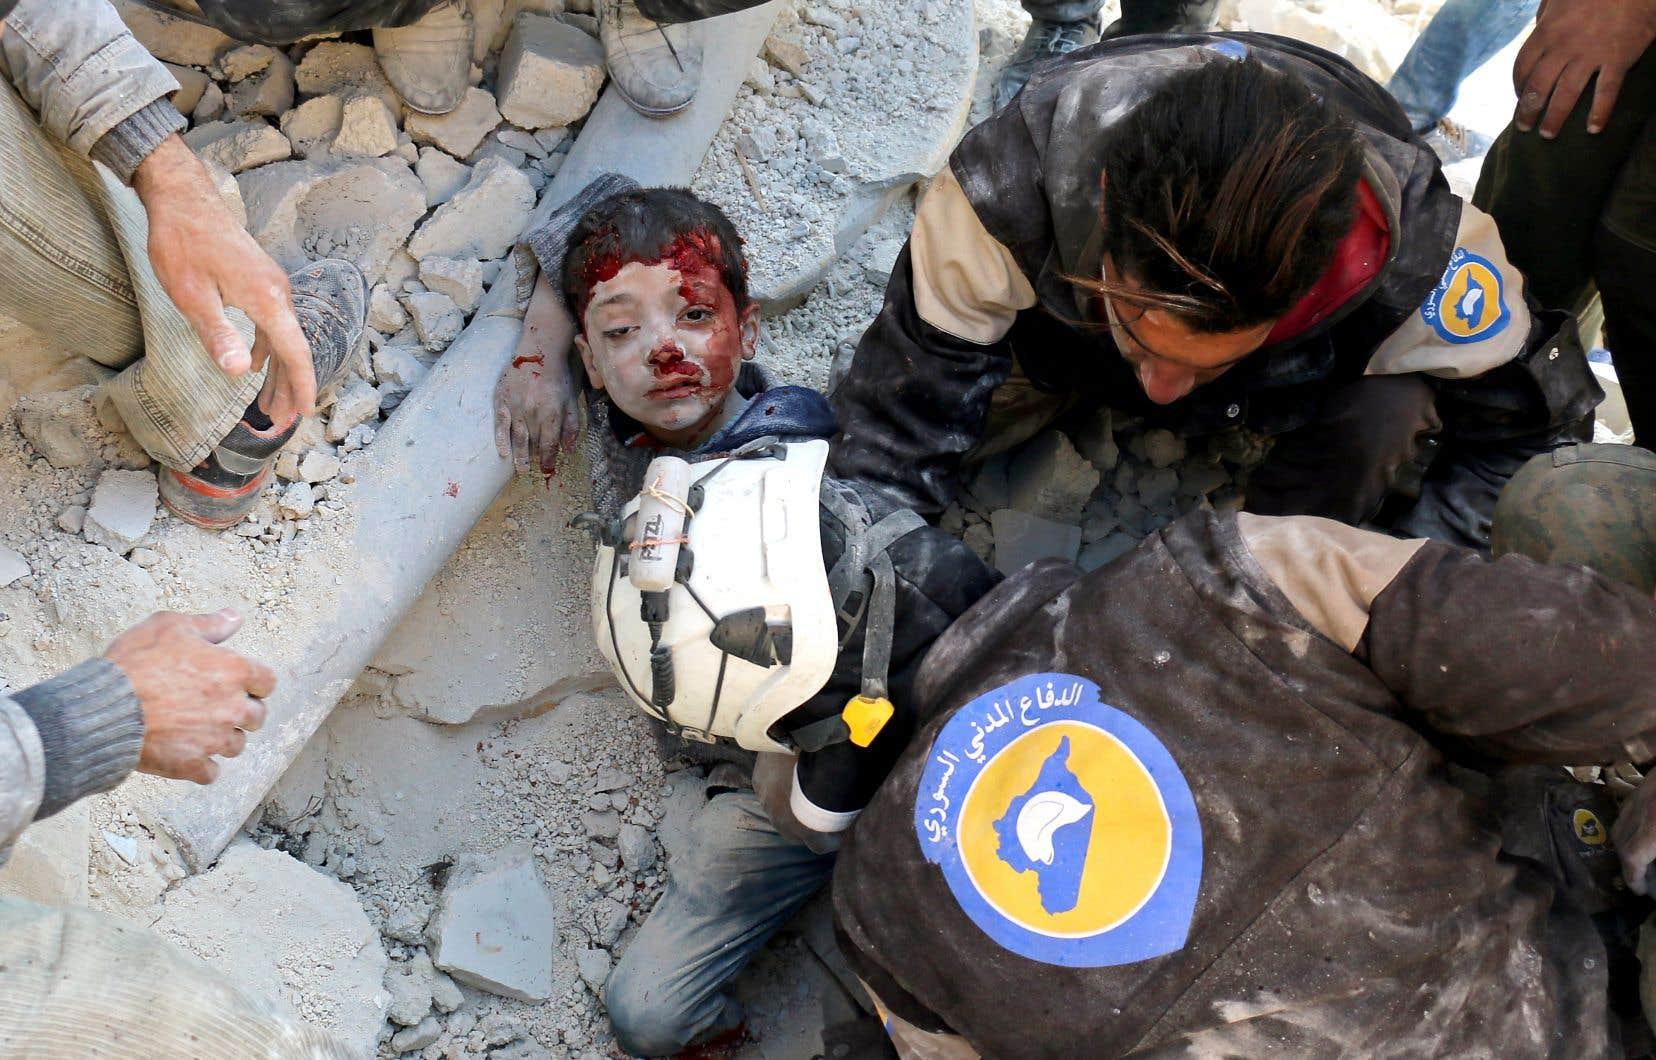 Les Casques blancs sont devenus célèbres pour leurs opérations de secours en Syrie, où le conflit a fait plus de 350000 morts et des dégâts considérables depuis 2011. Leur travail, très médiatisé, leur avait valu d'être considérés pour le prix Nobel de la paix en 2016.